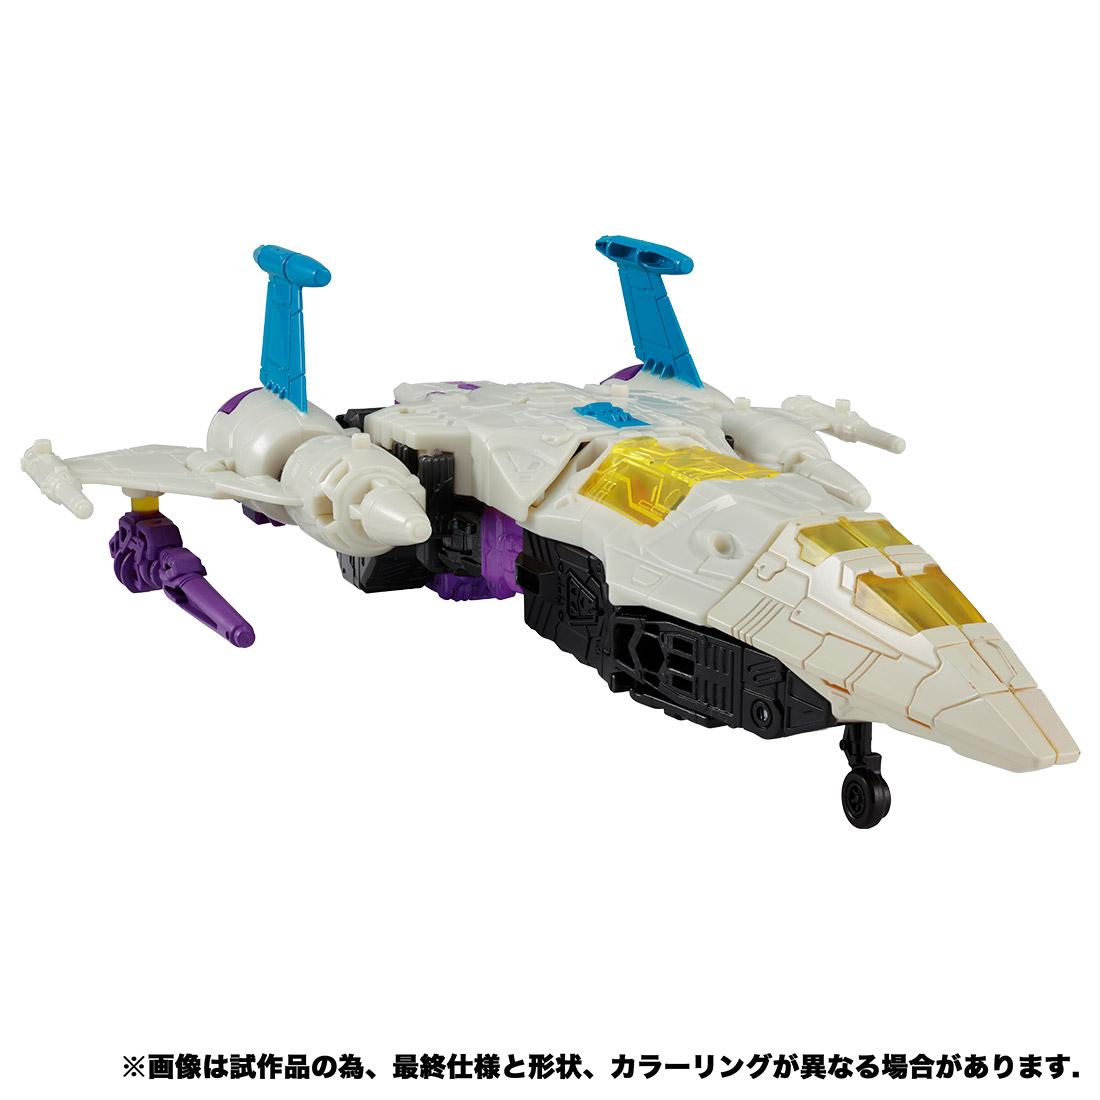 【限定販売】トランスフォーマー アースライズ『ER EX-10 スナップドラゴン』可変可動フィギュア-003